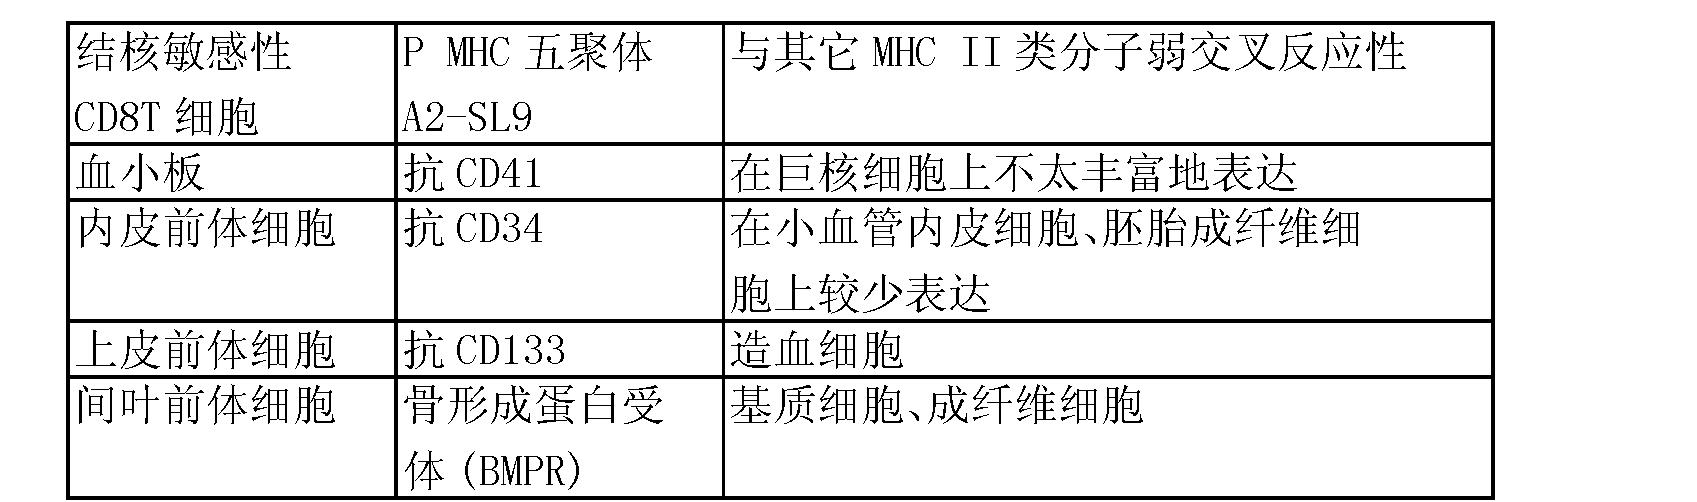 Figure CN101443660BD00121